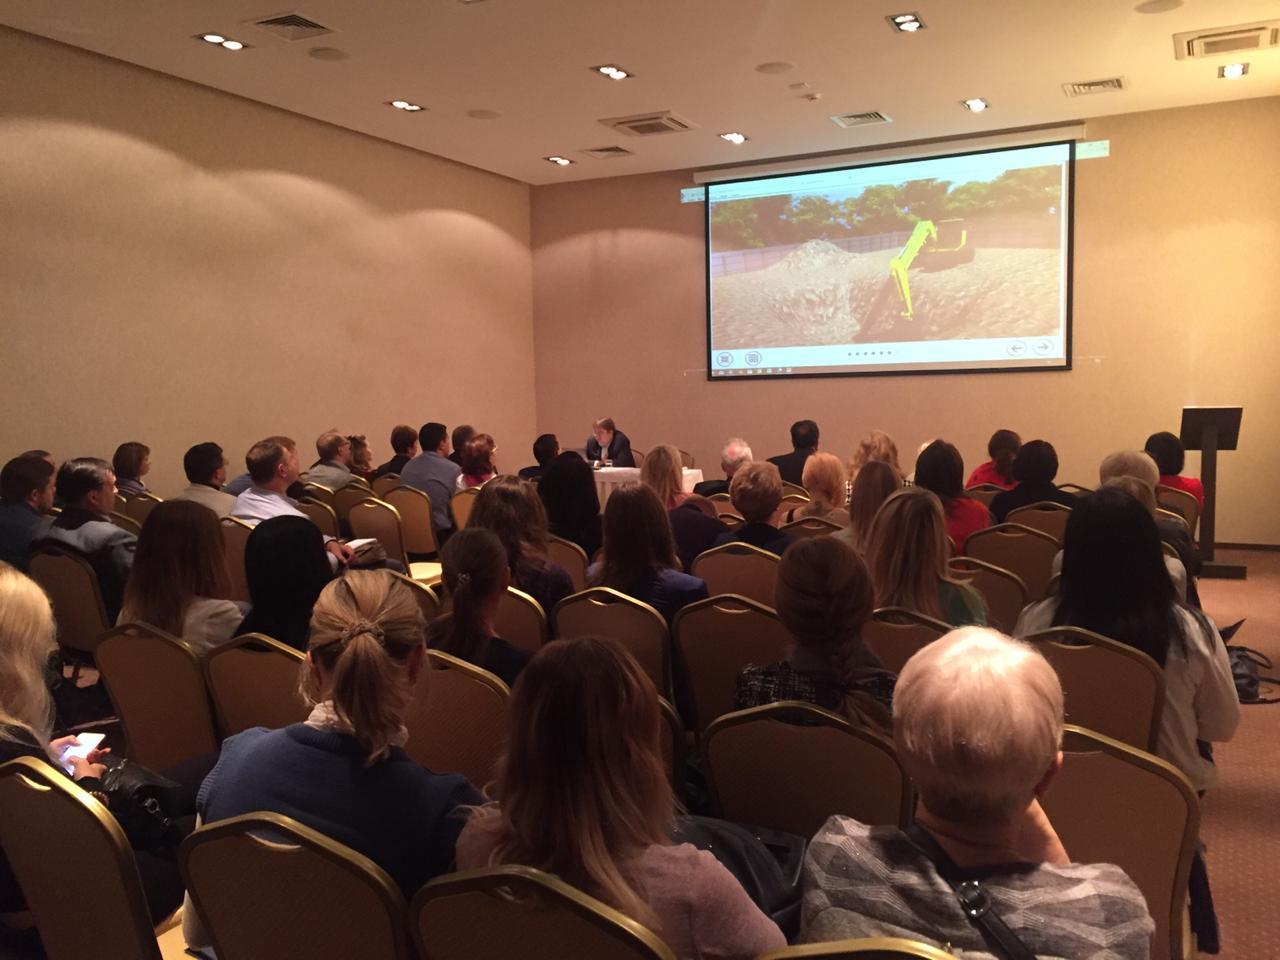 участники семинара ОЛИМПОКС:Предприятие в Туле